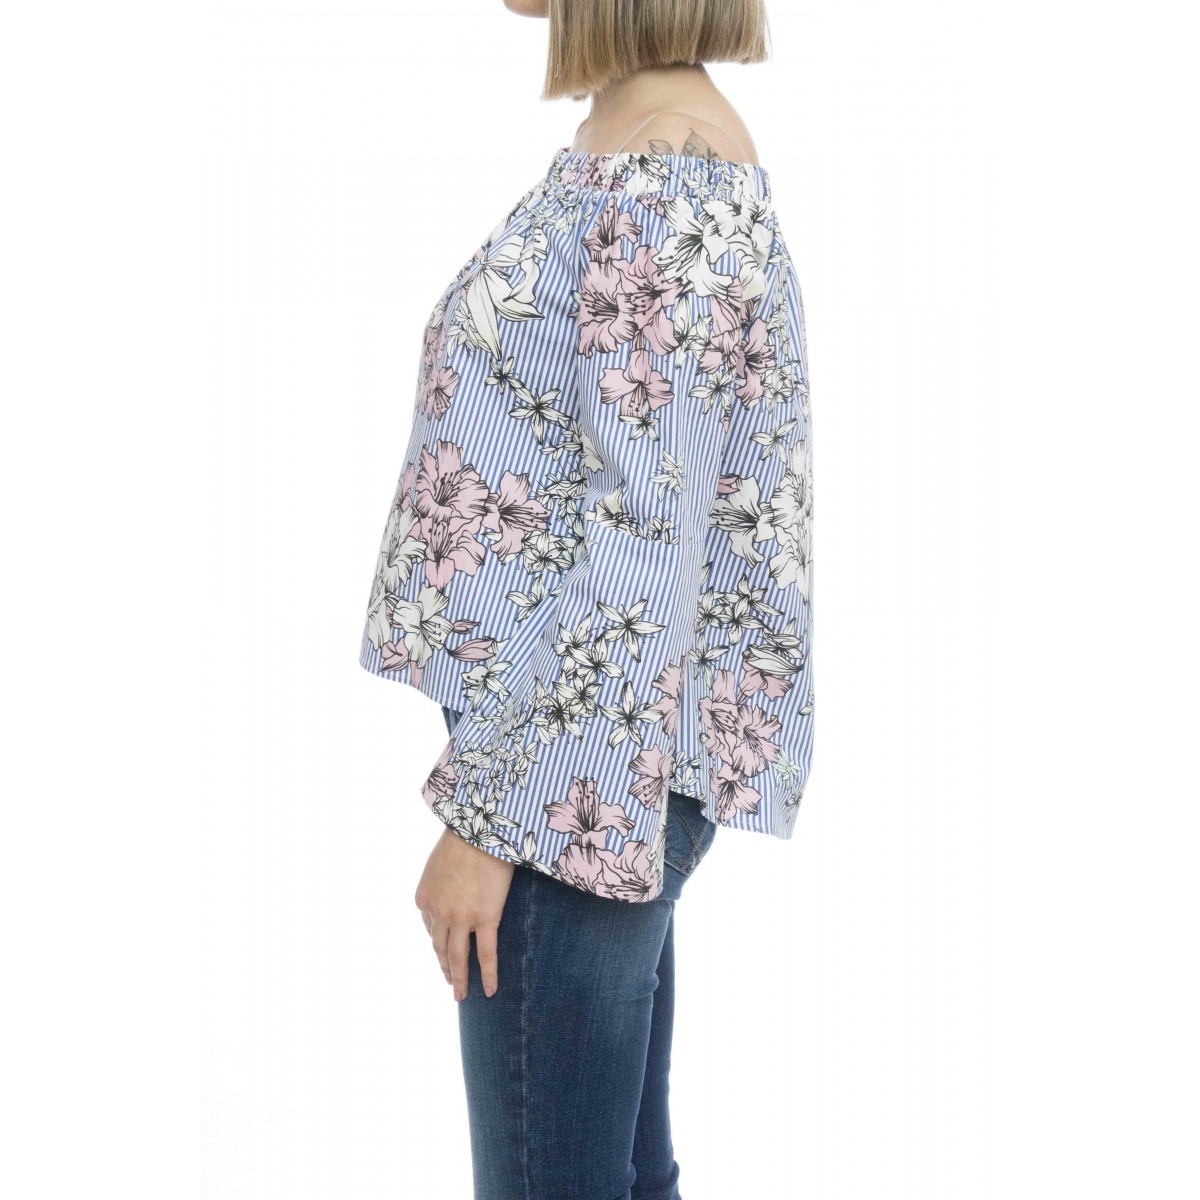 Camicia donna - Hortic camicia stampa